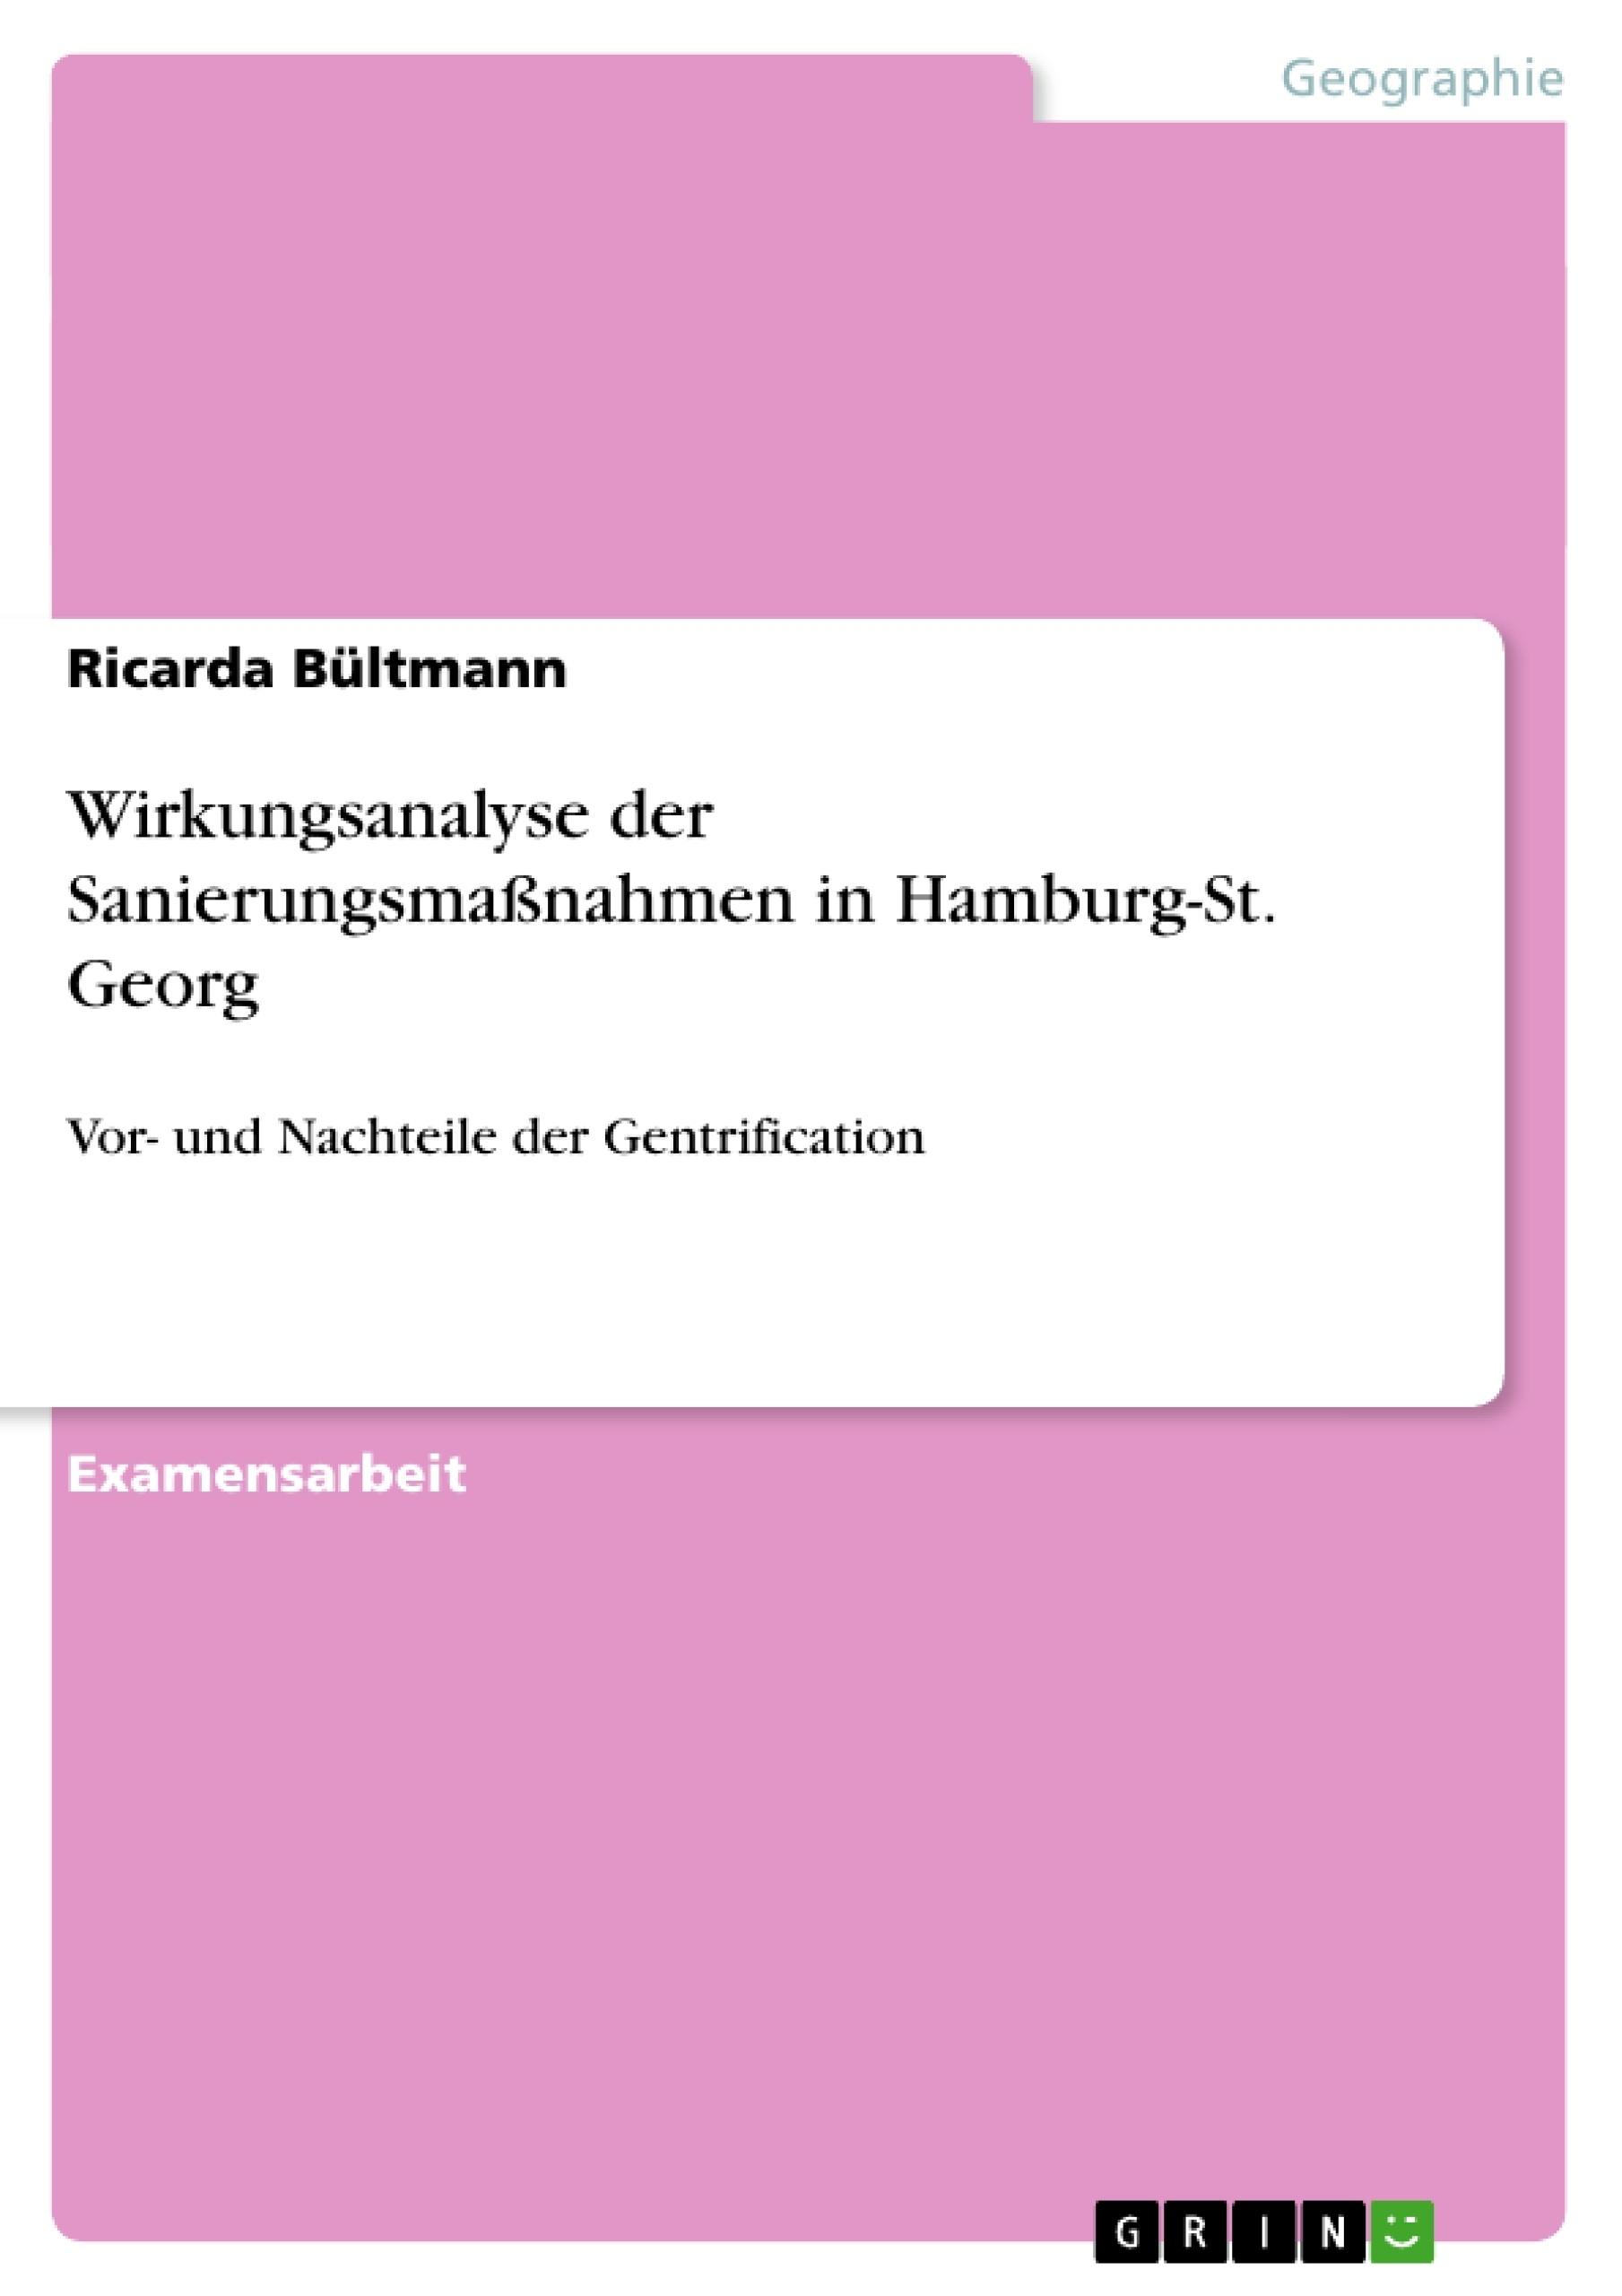 Titel: Wirkungsanalyse der Sanierungsmaßnahmen in Hamburg-St. Georg